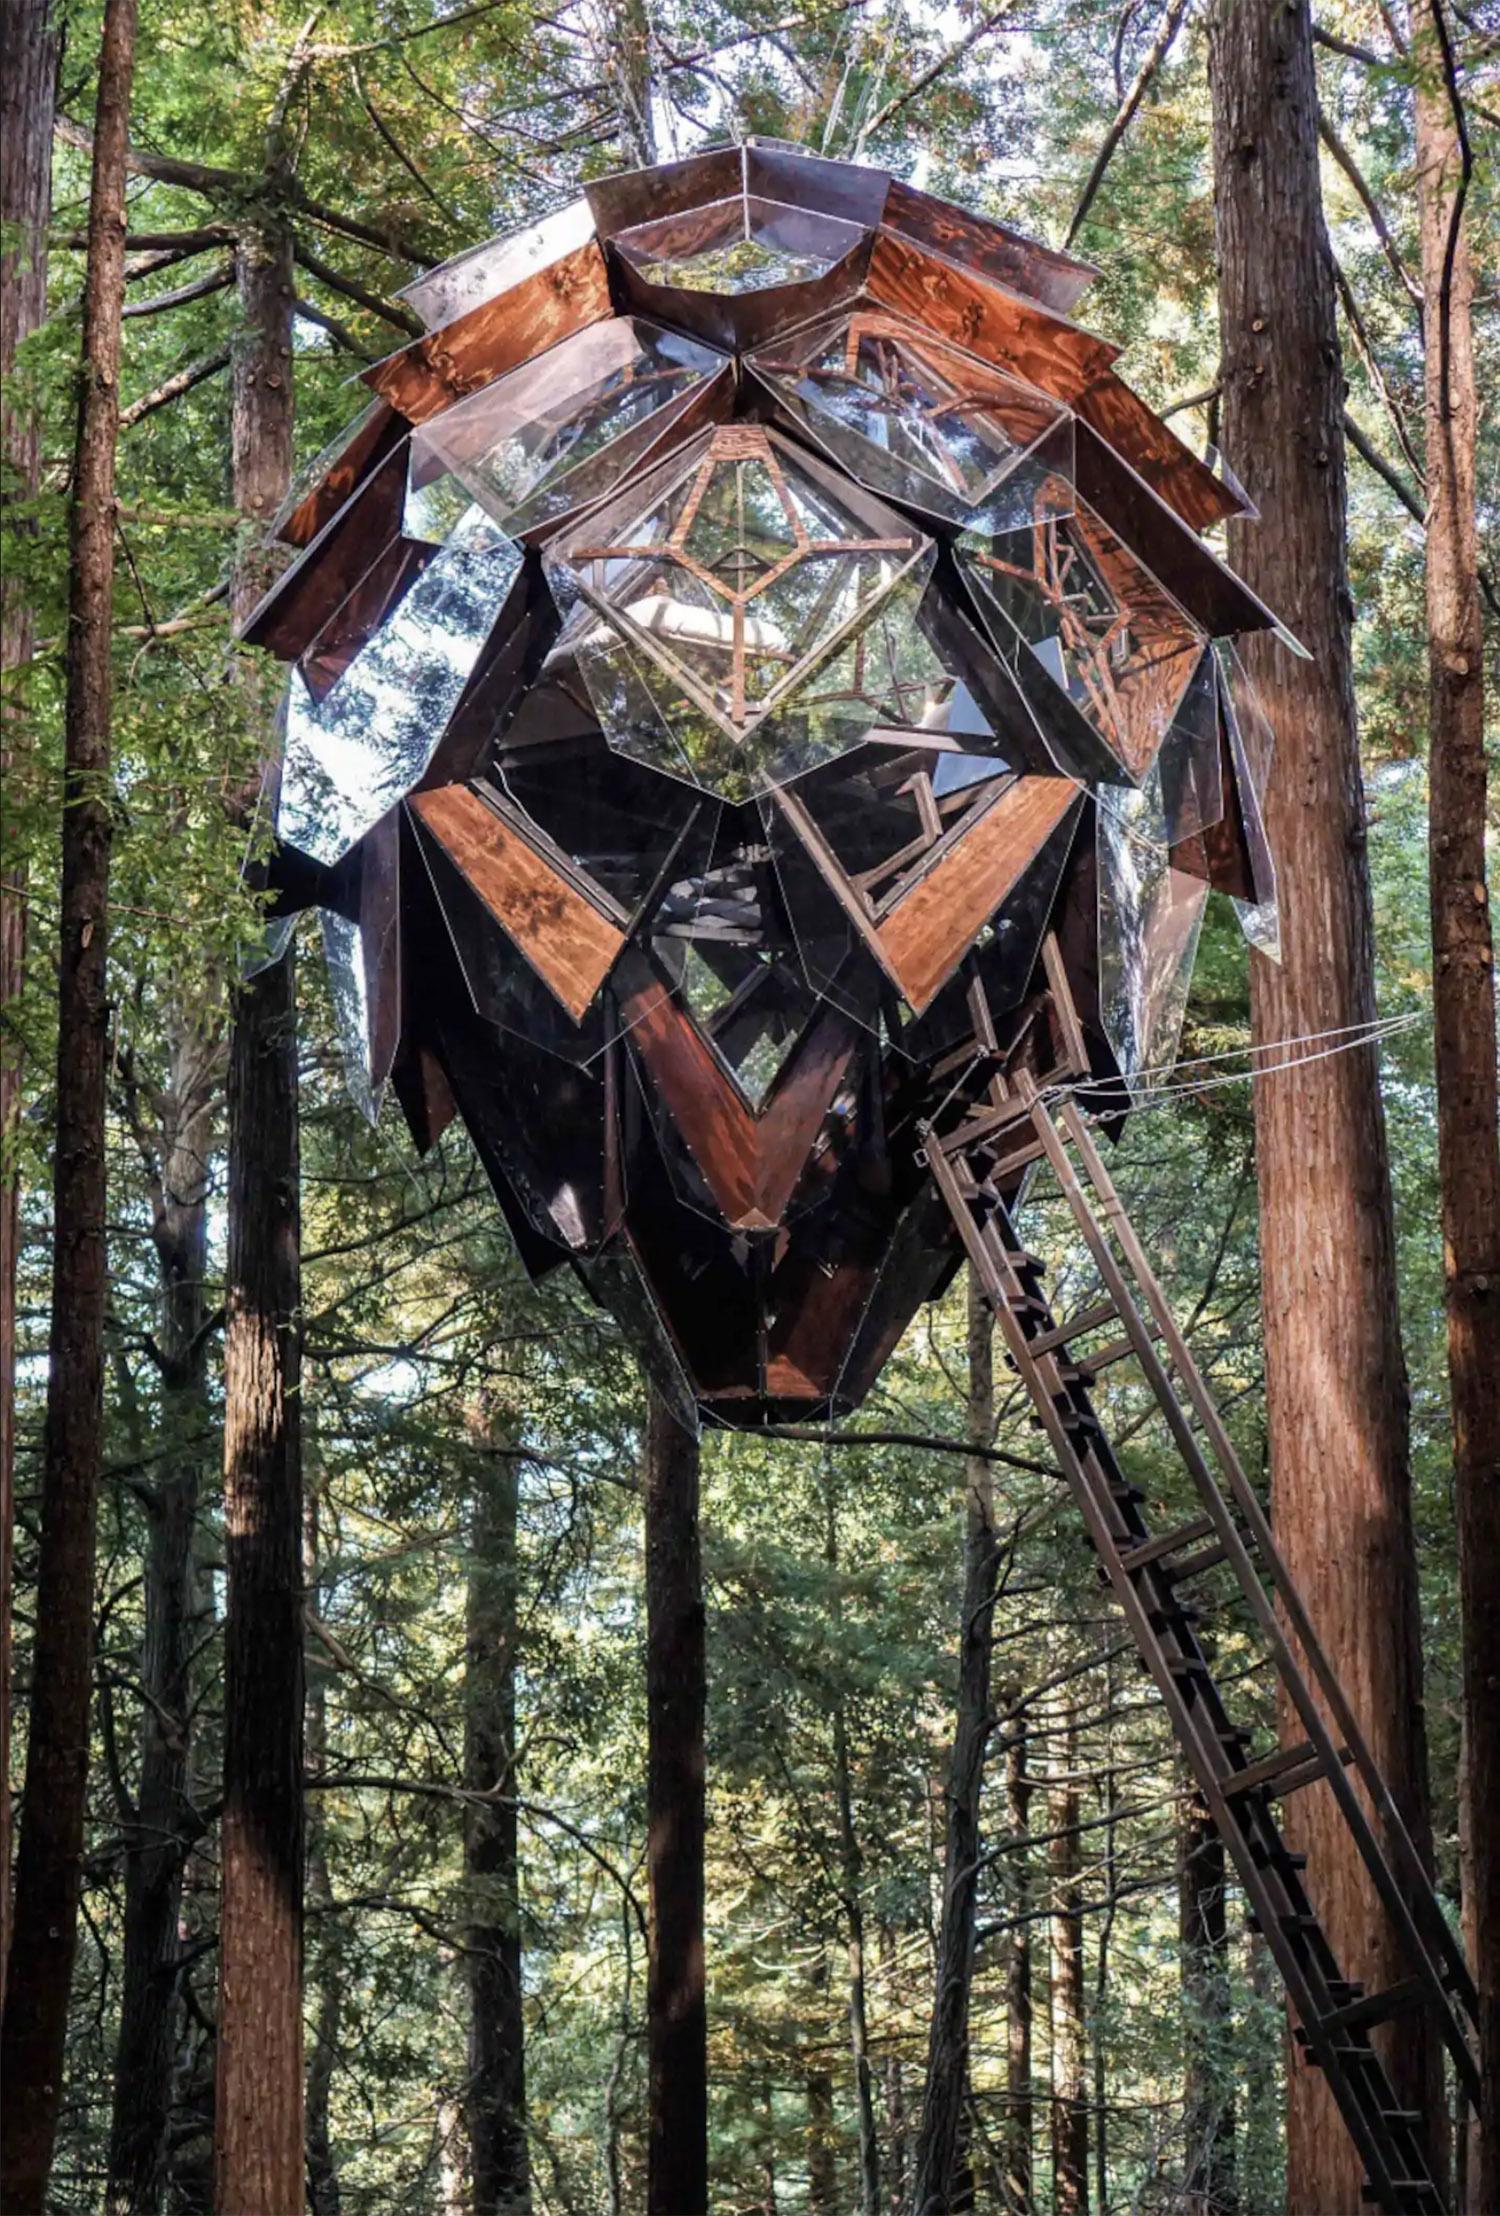 Treehouse shaped like a pinecone